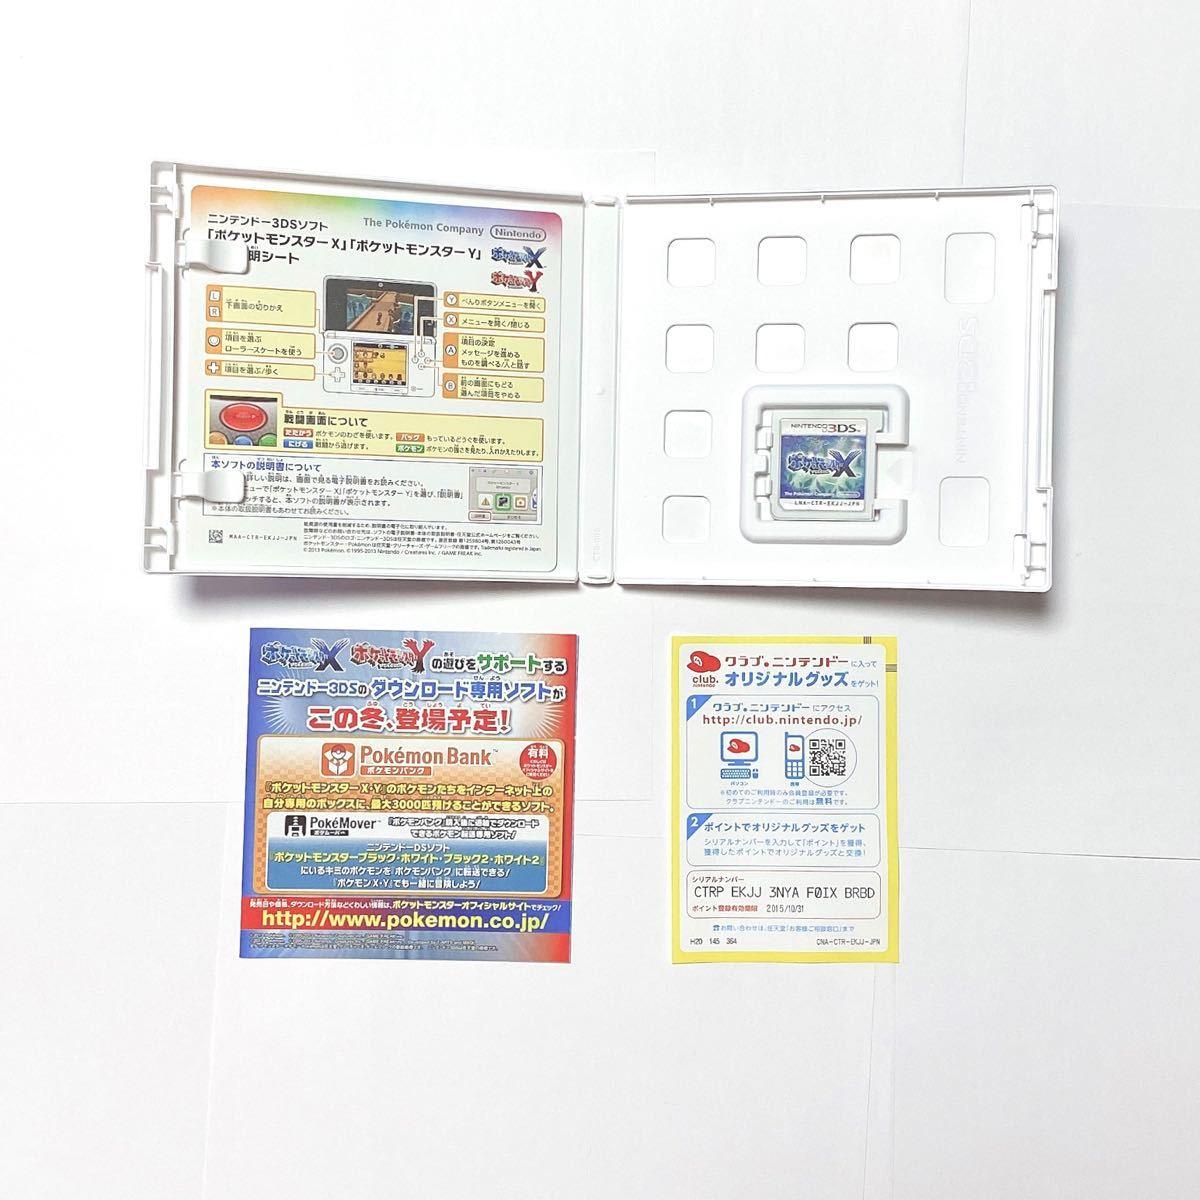 ポケットモンスター X ニンテンドー3DSソフト